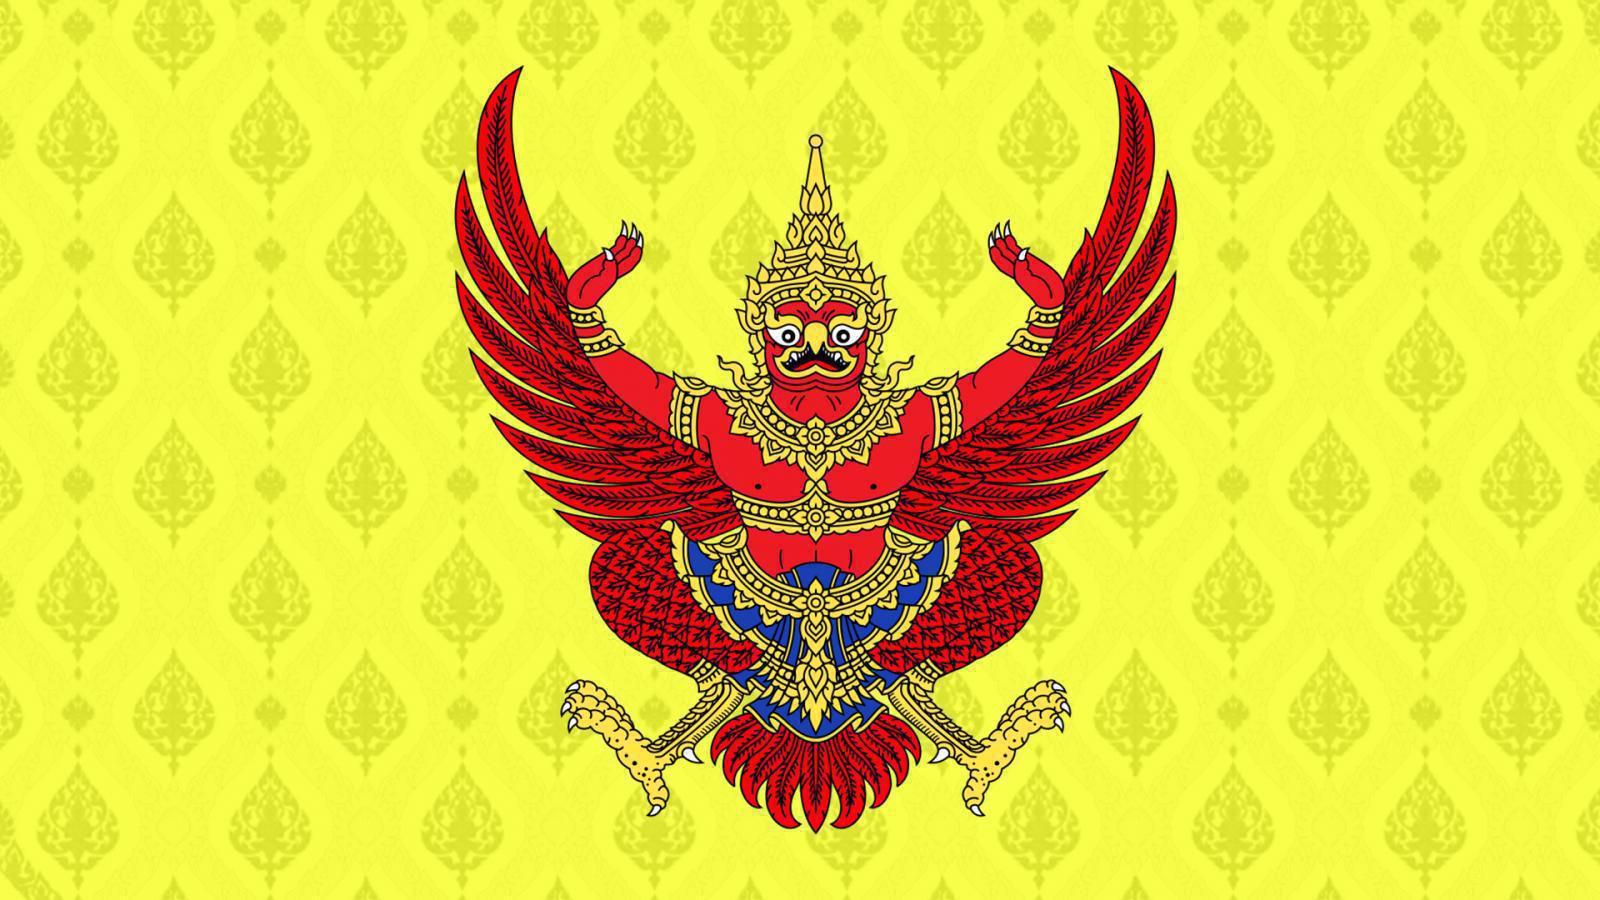 พระบรมราชโองการ แต่งตั้ง 'พล.อ.อภิรัชต์' เป็นรองผอ.ทรัพย์สินพระมหากษัตริย์